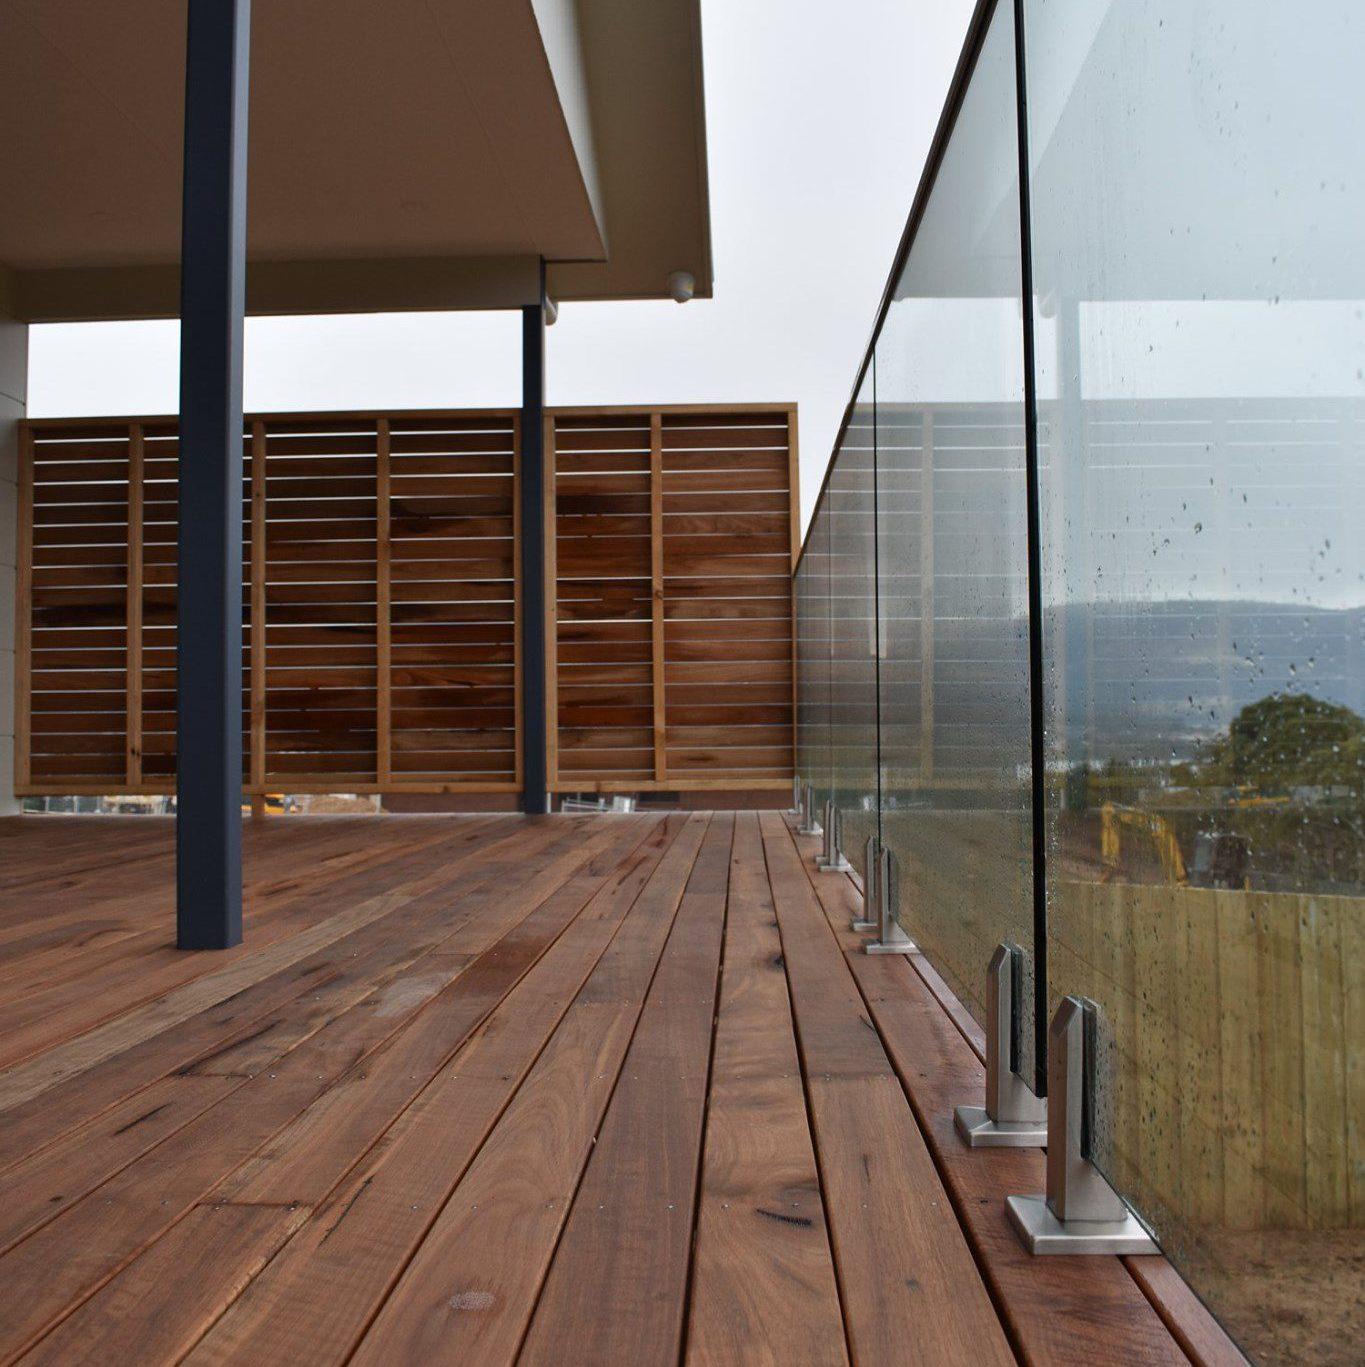 Clennetts Mitre 10 Glass Balustrade